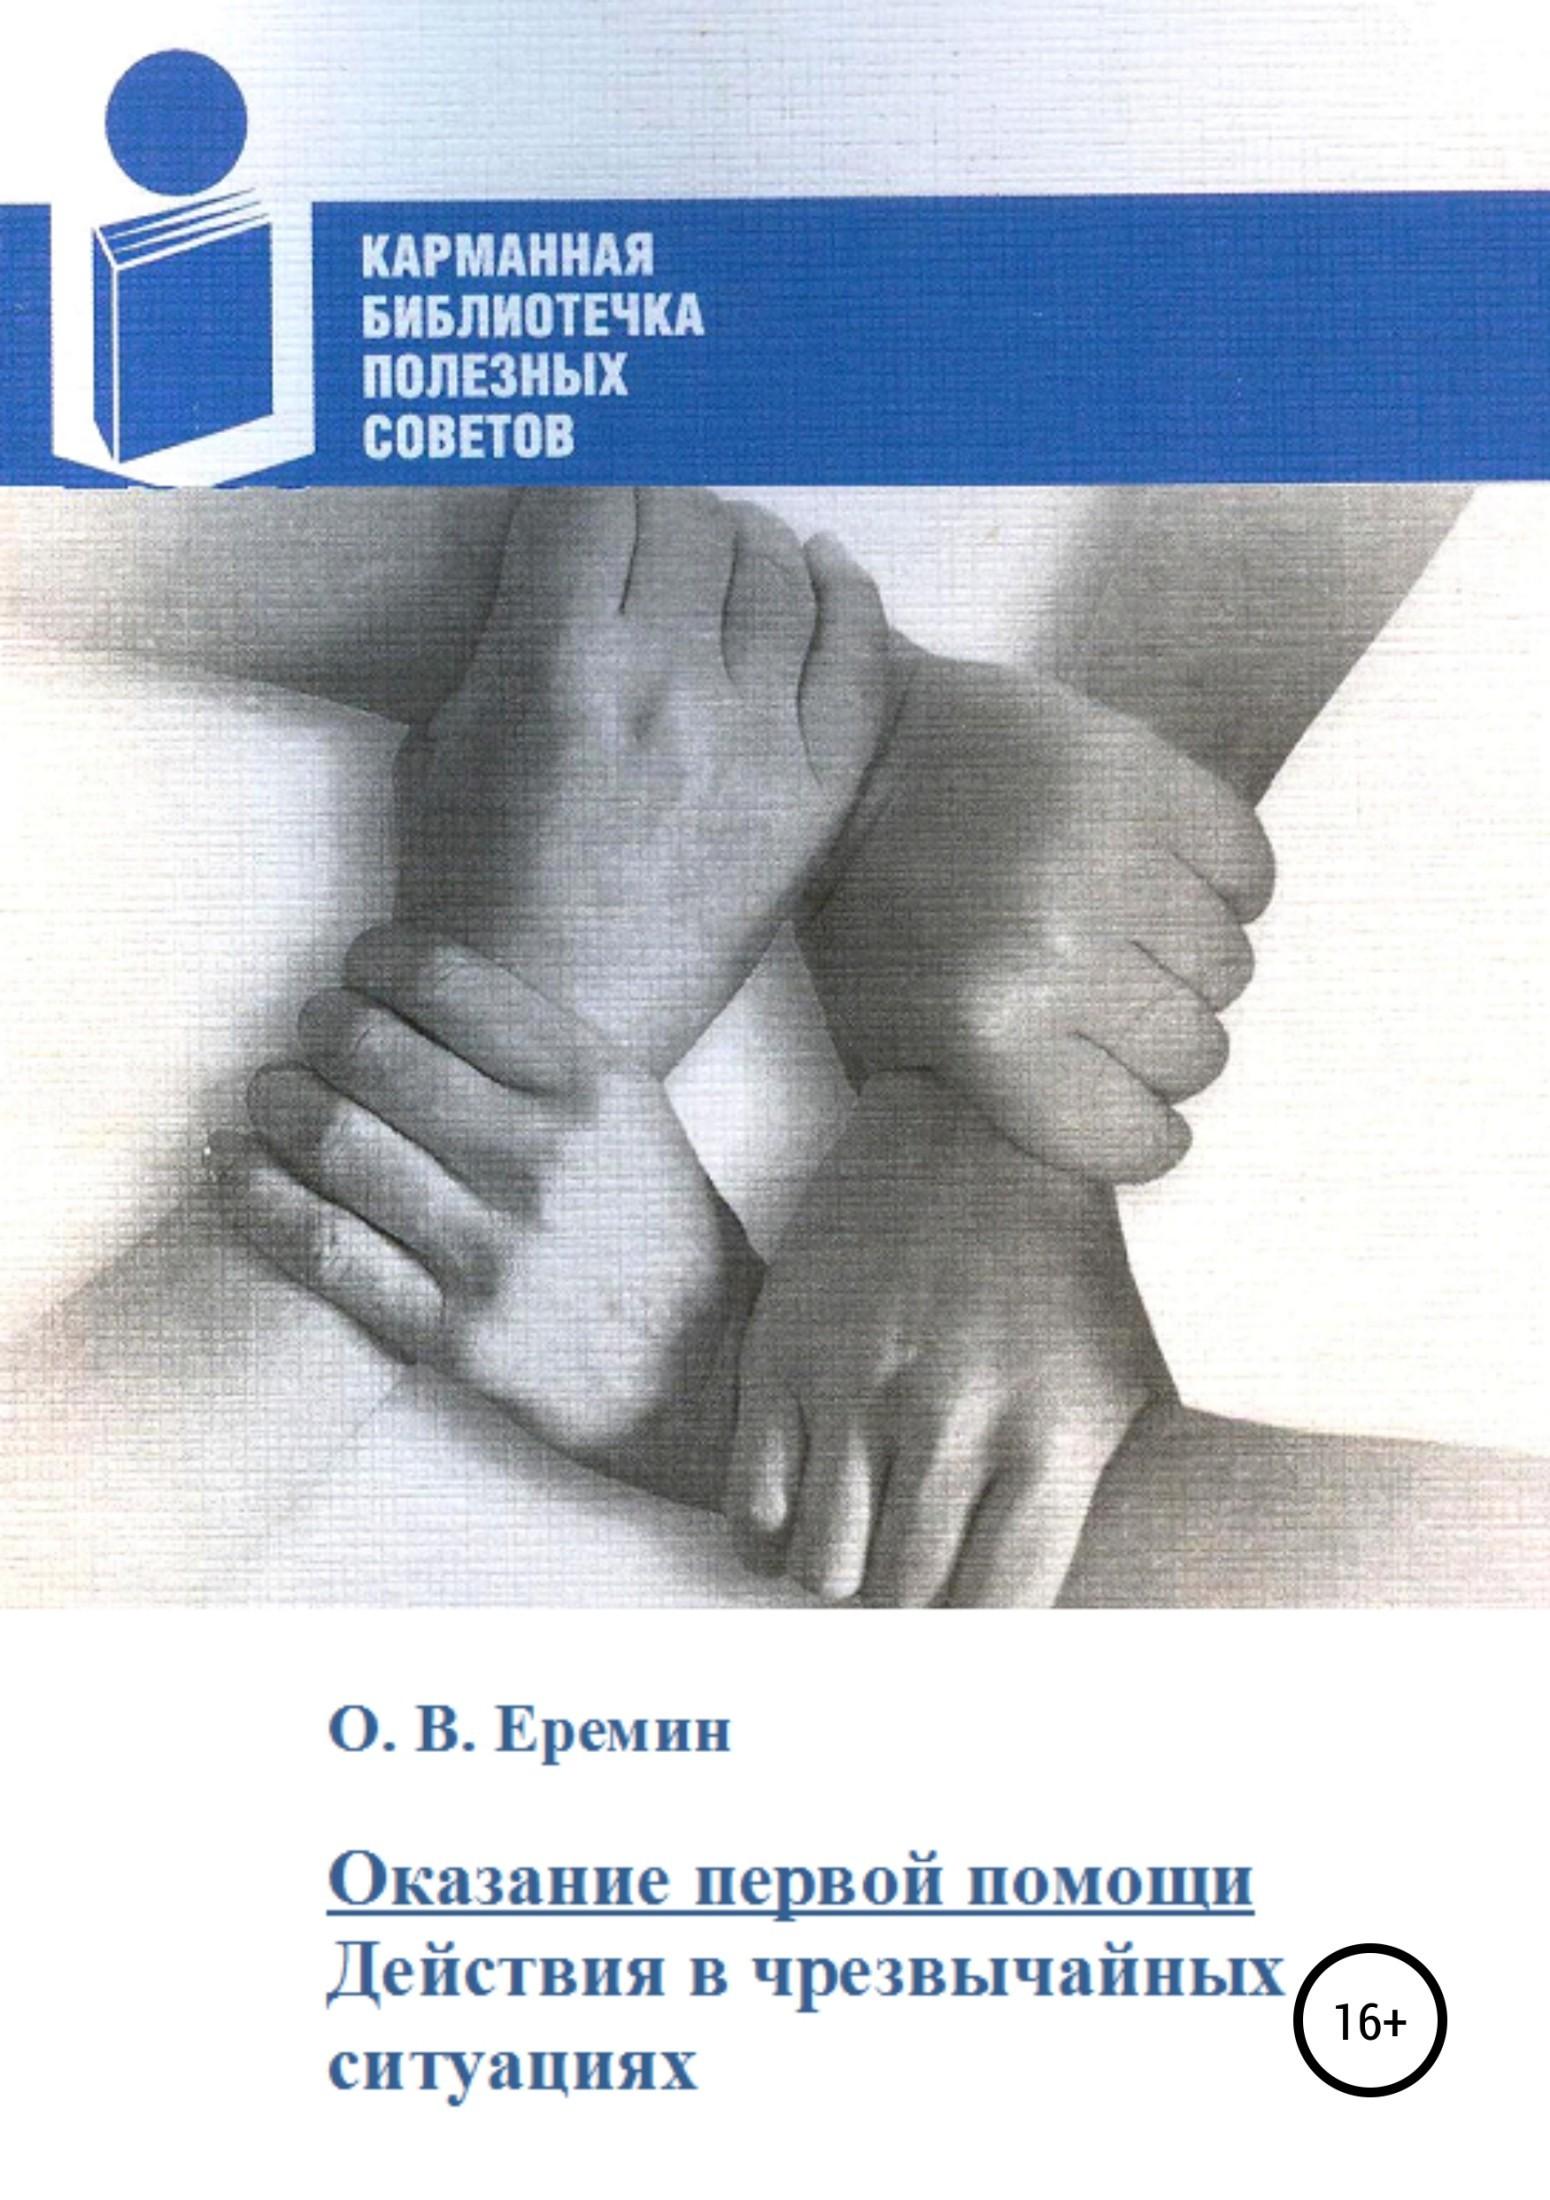 Олег Еремин - Оказание первой помощи. Действия в чрезвычайных ситуациях